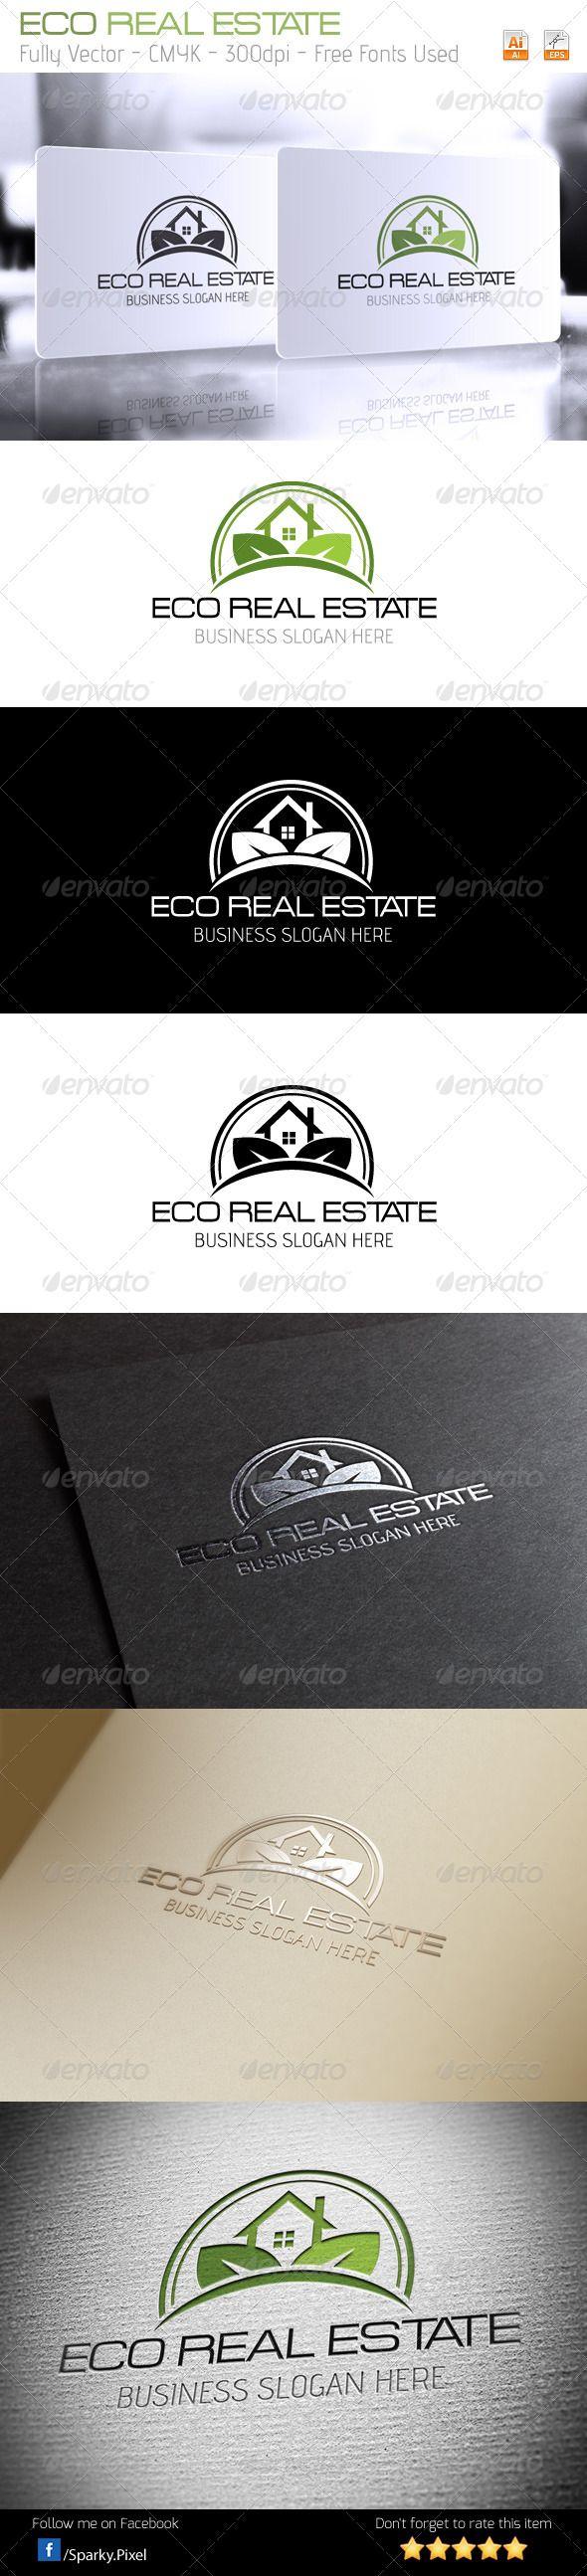 Agri cultures project logo duckdog design - Eco Real Estate Logo